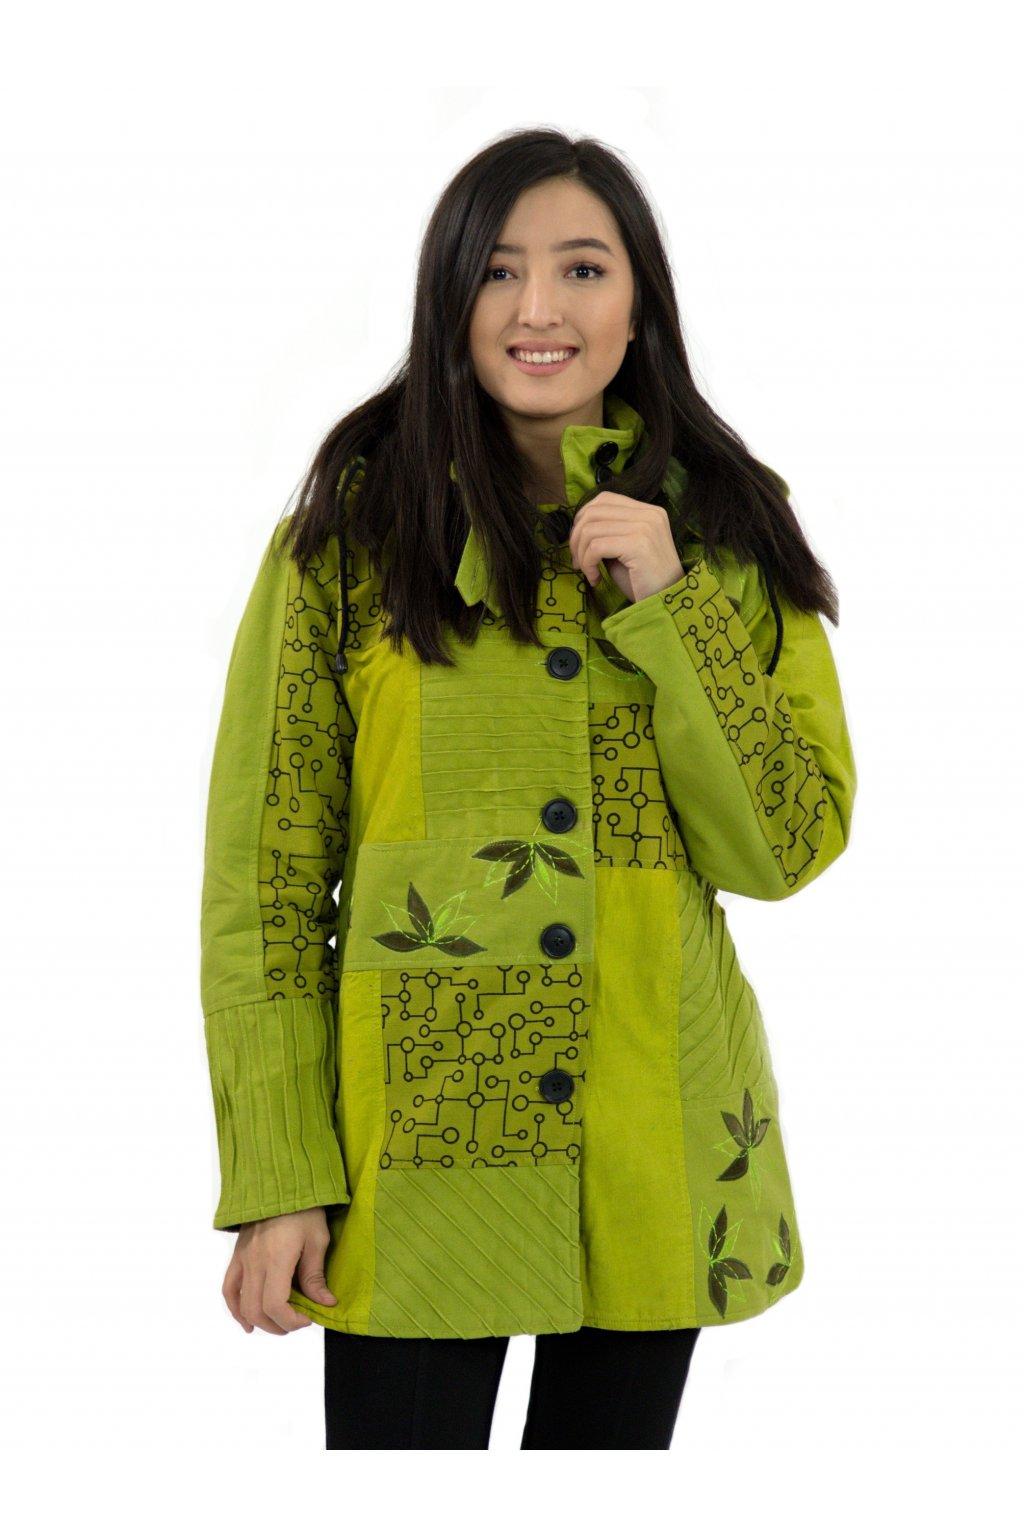 Podzimní/zimní kabát Nepálský lotos - limetková